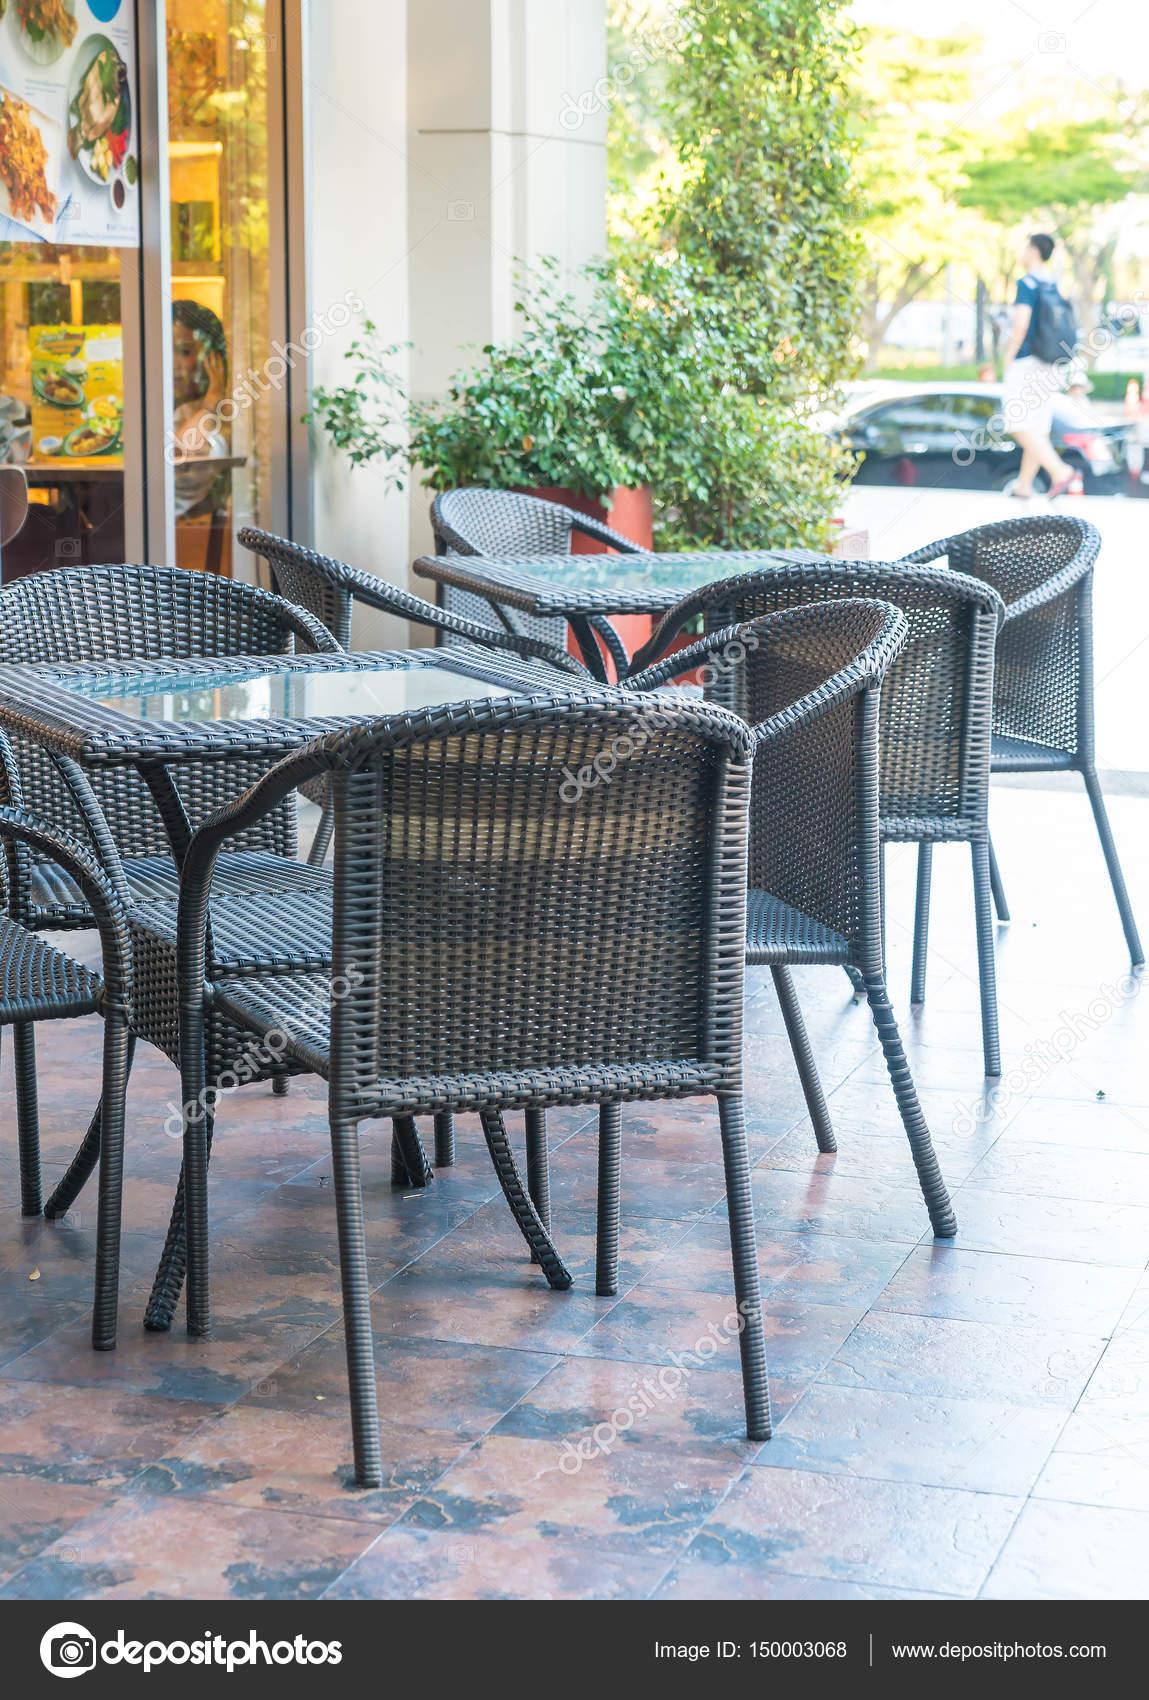 Leeren Tisch und Stuhl — Stockfoto © topntp #150003068